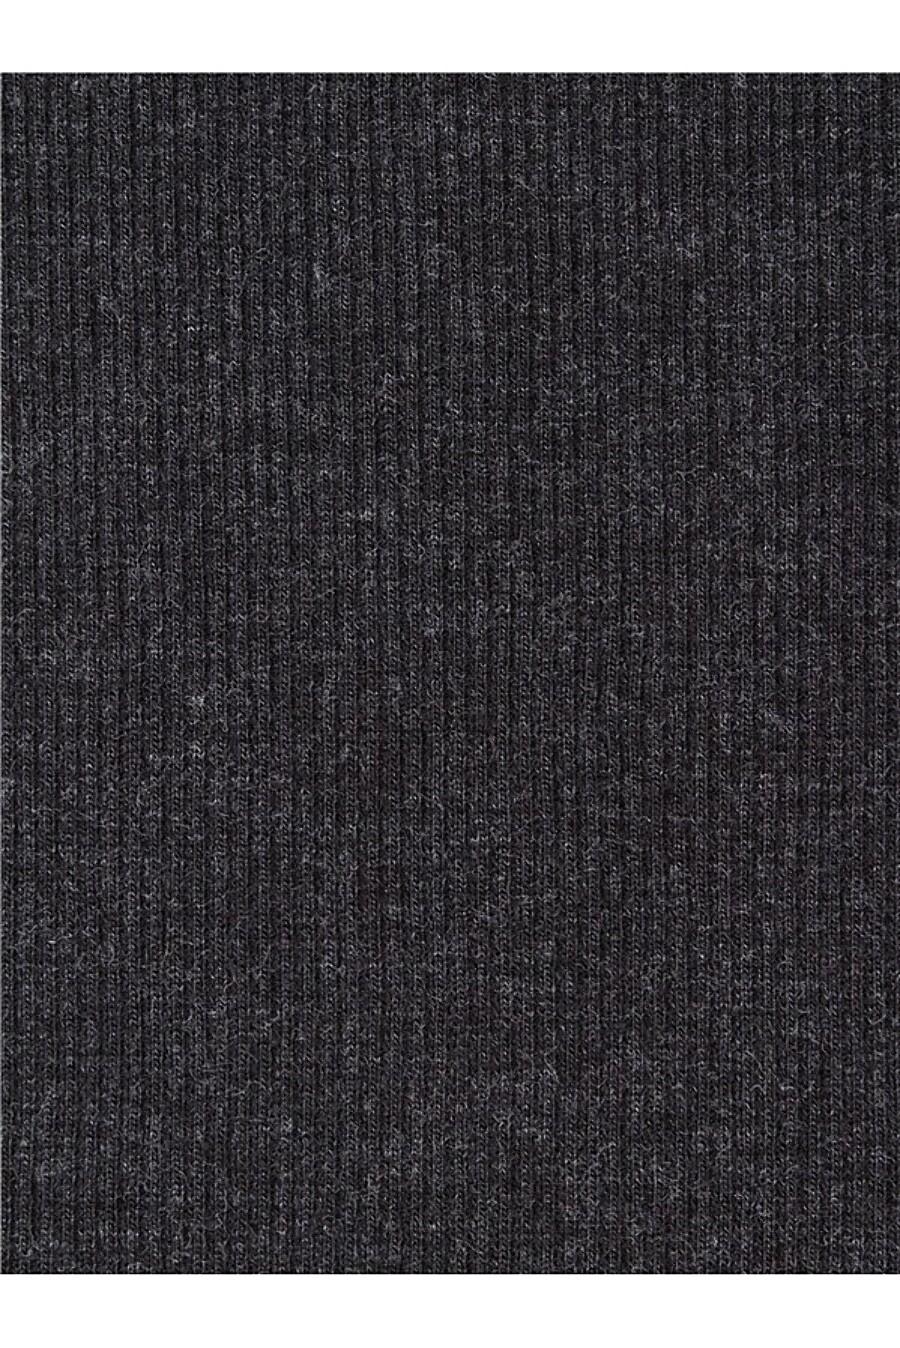 Леггинсы  для женщин Archi 288722 купить оптом от производителя. Совместная покупка женской одежды в OptMoyo